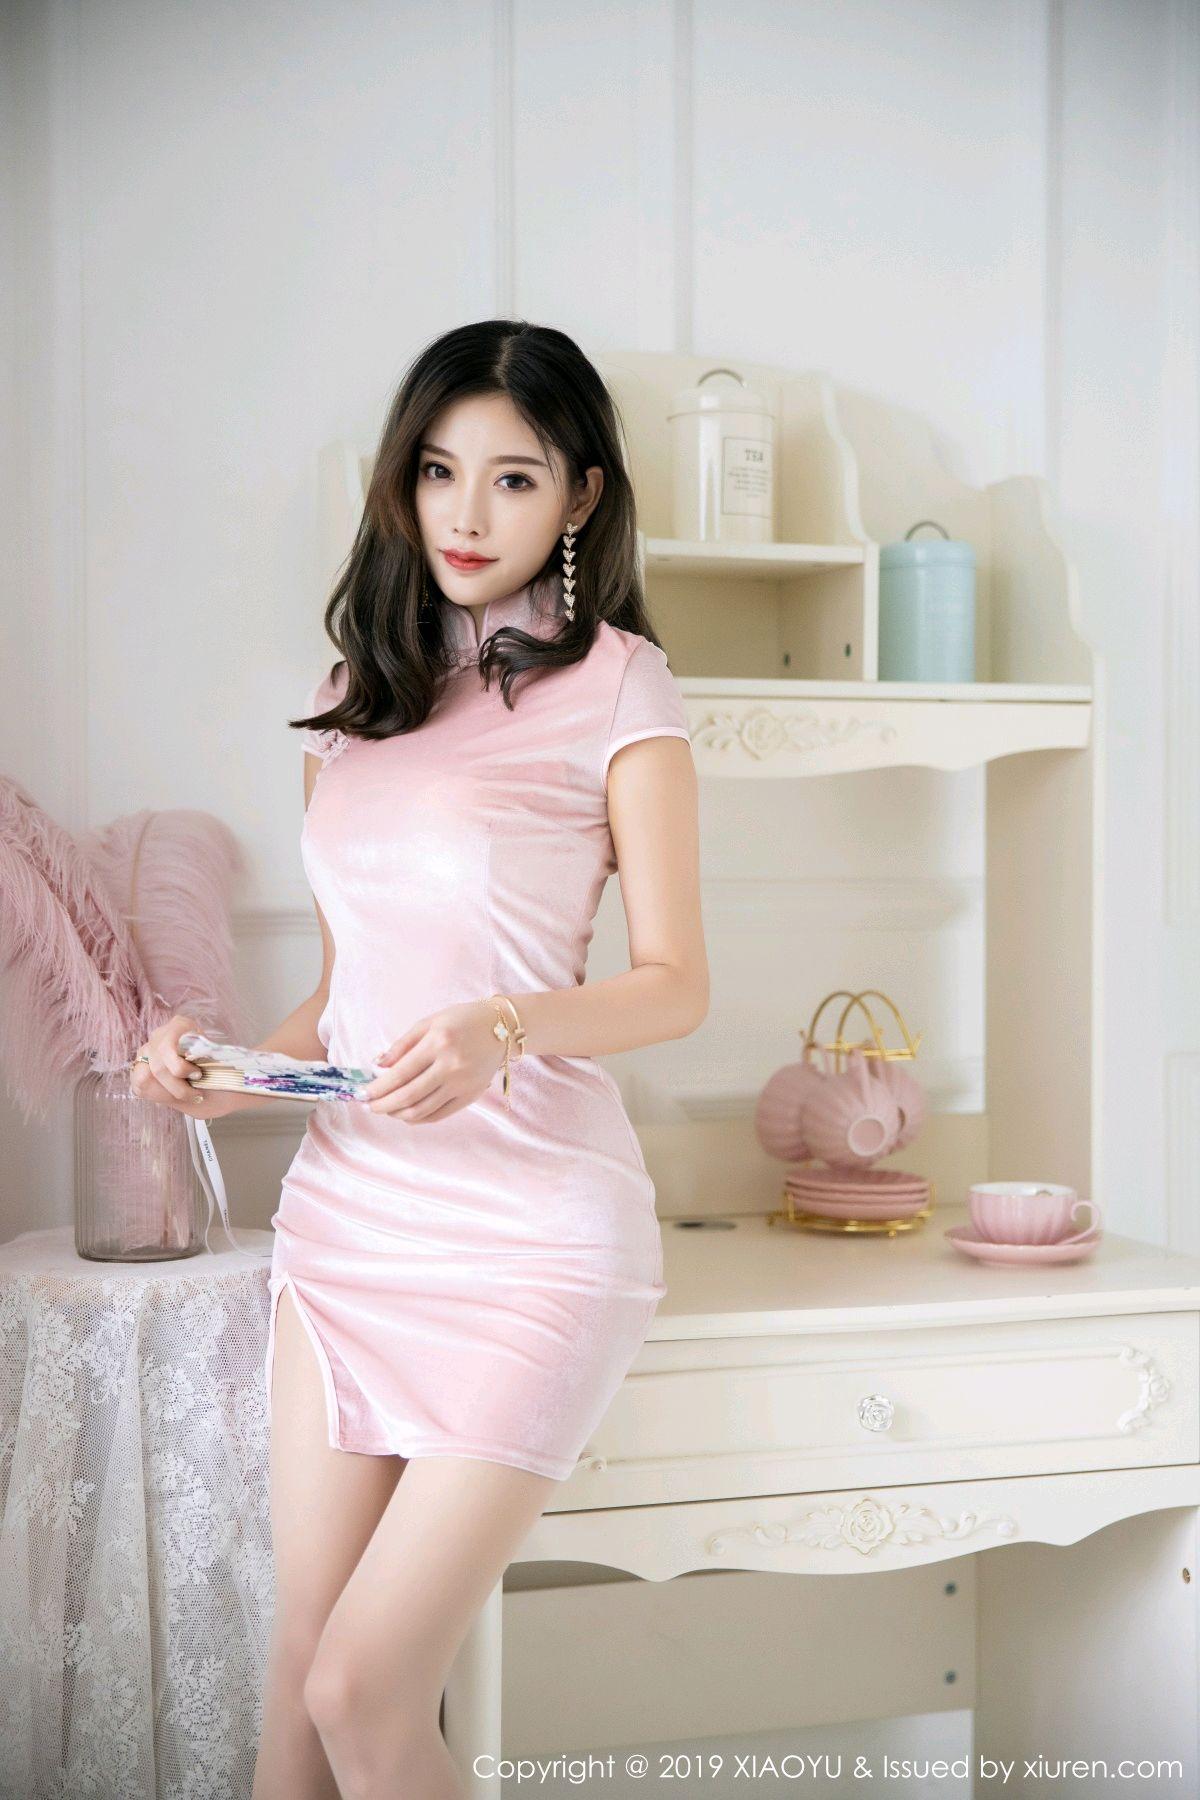 [XiaoYu] Vol.114 Yang Chen Chen 7P, Cheongsam, Foot, XiaoYu, Yang Chen Chen